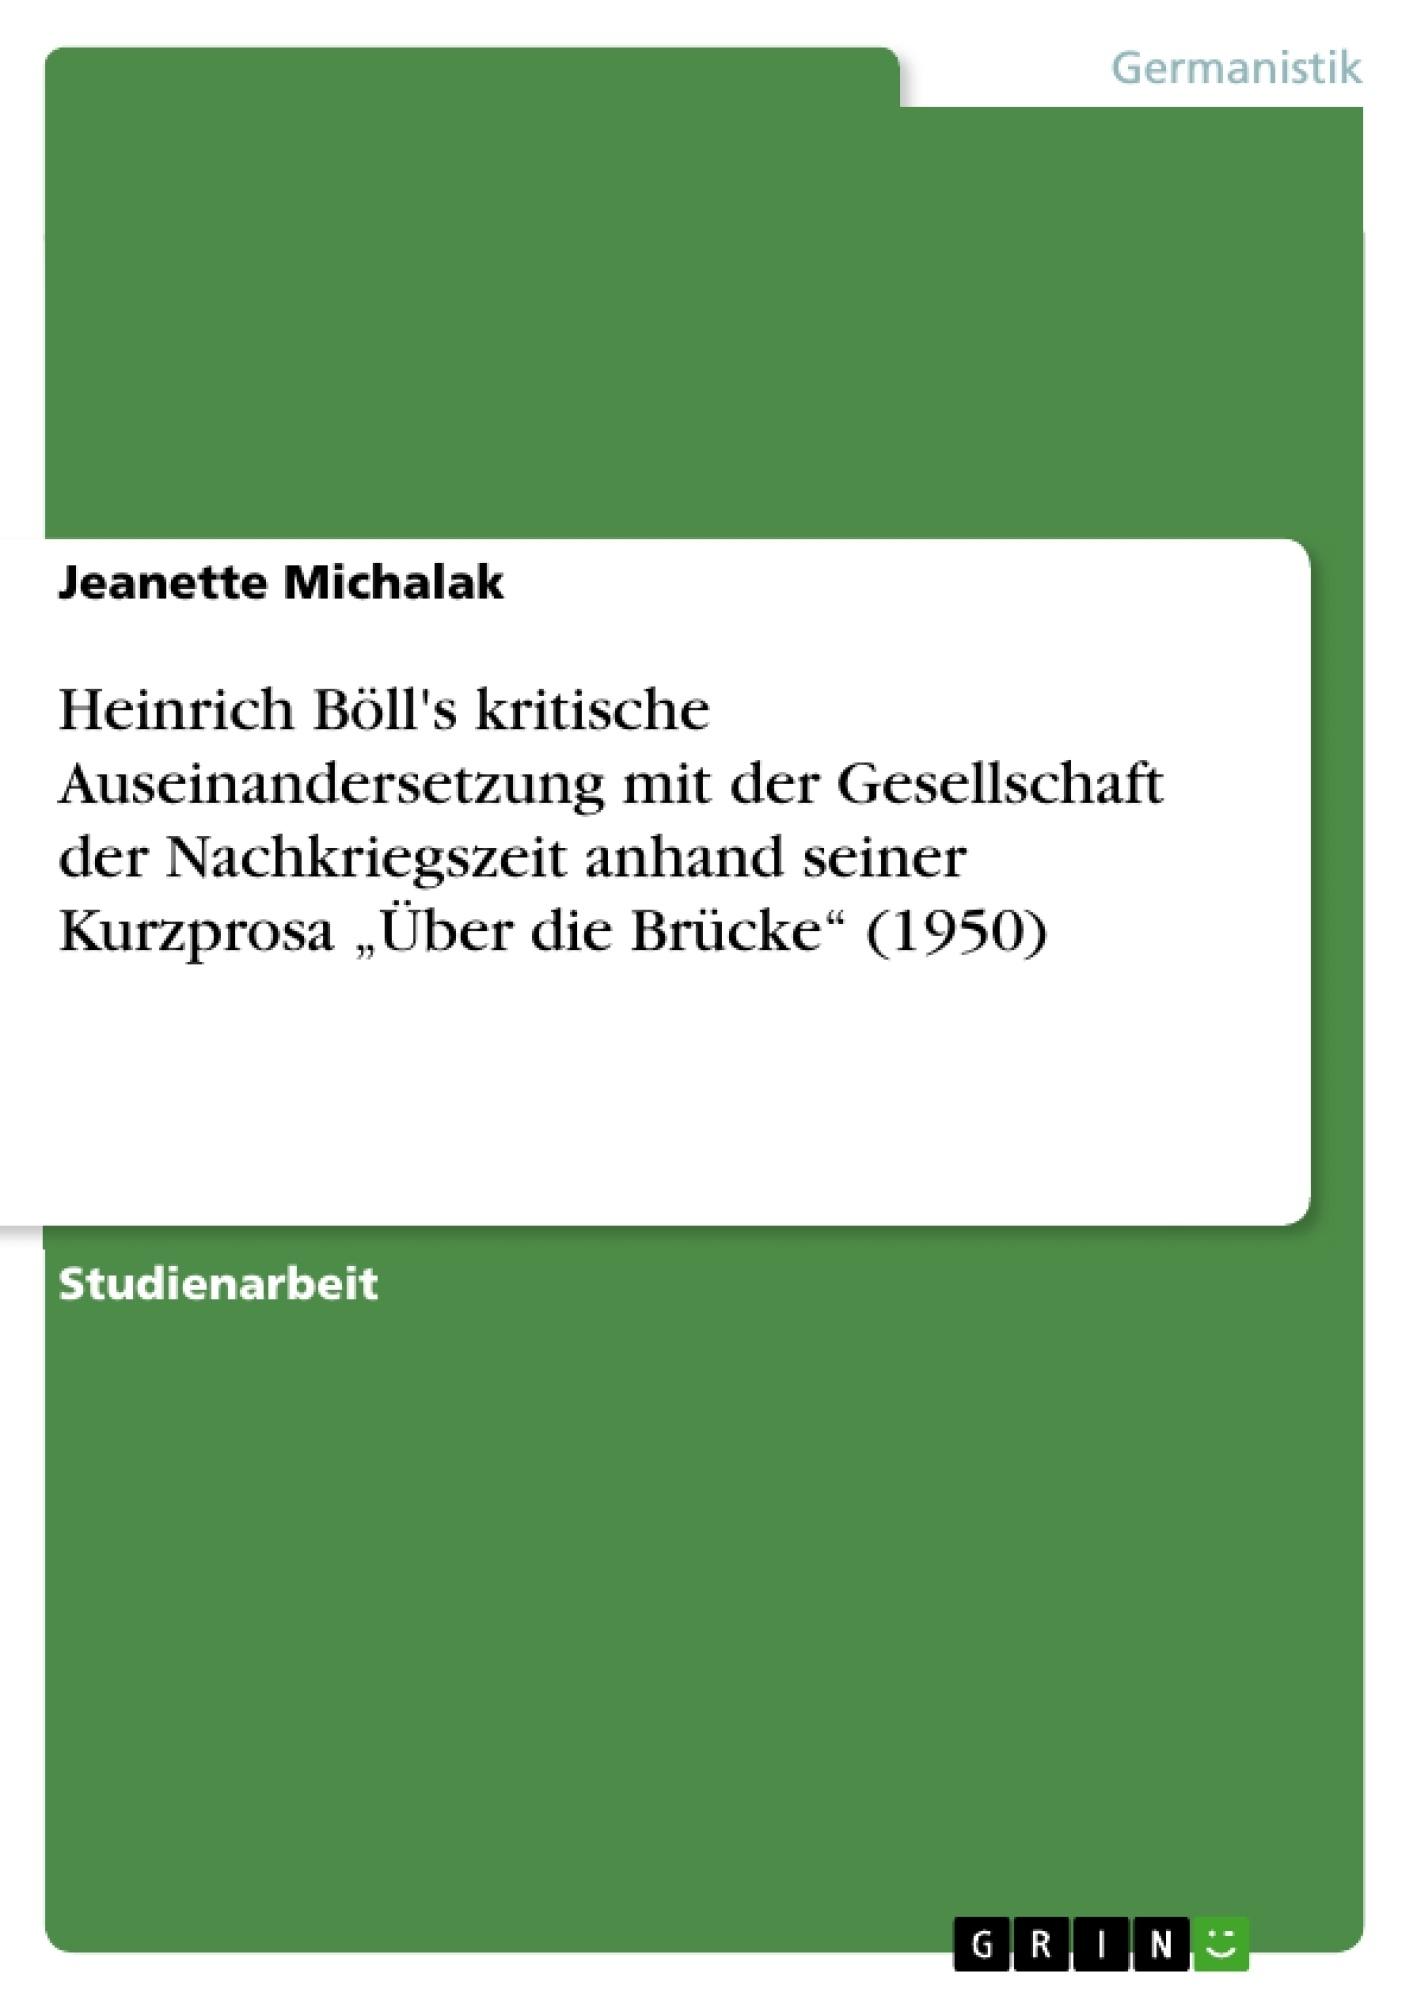 """Titel: Heinrich Böll's kritische Auseinandersetzung mit der Gesellschaft der Nachkriegszeit anhand seiner Kurzprosa """"Über die Brücke"""" (1950)"""